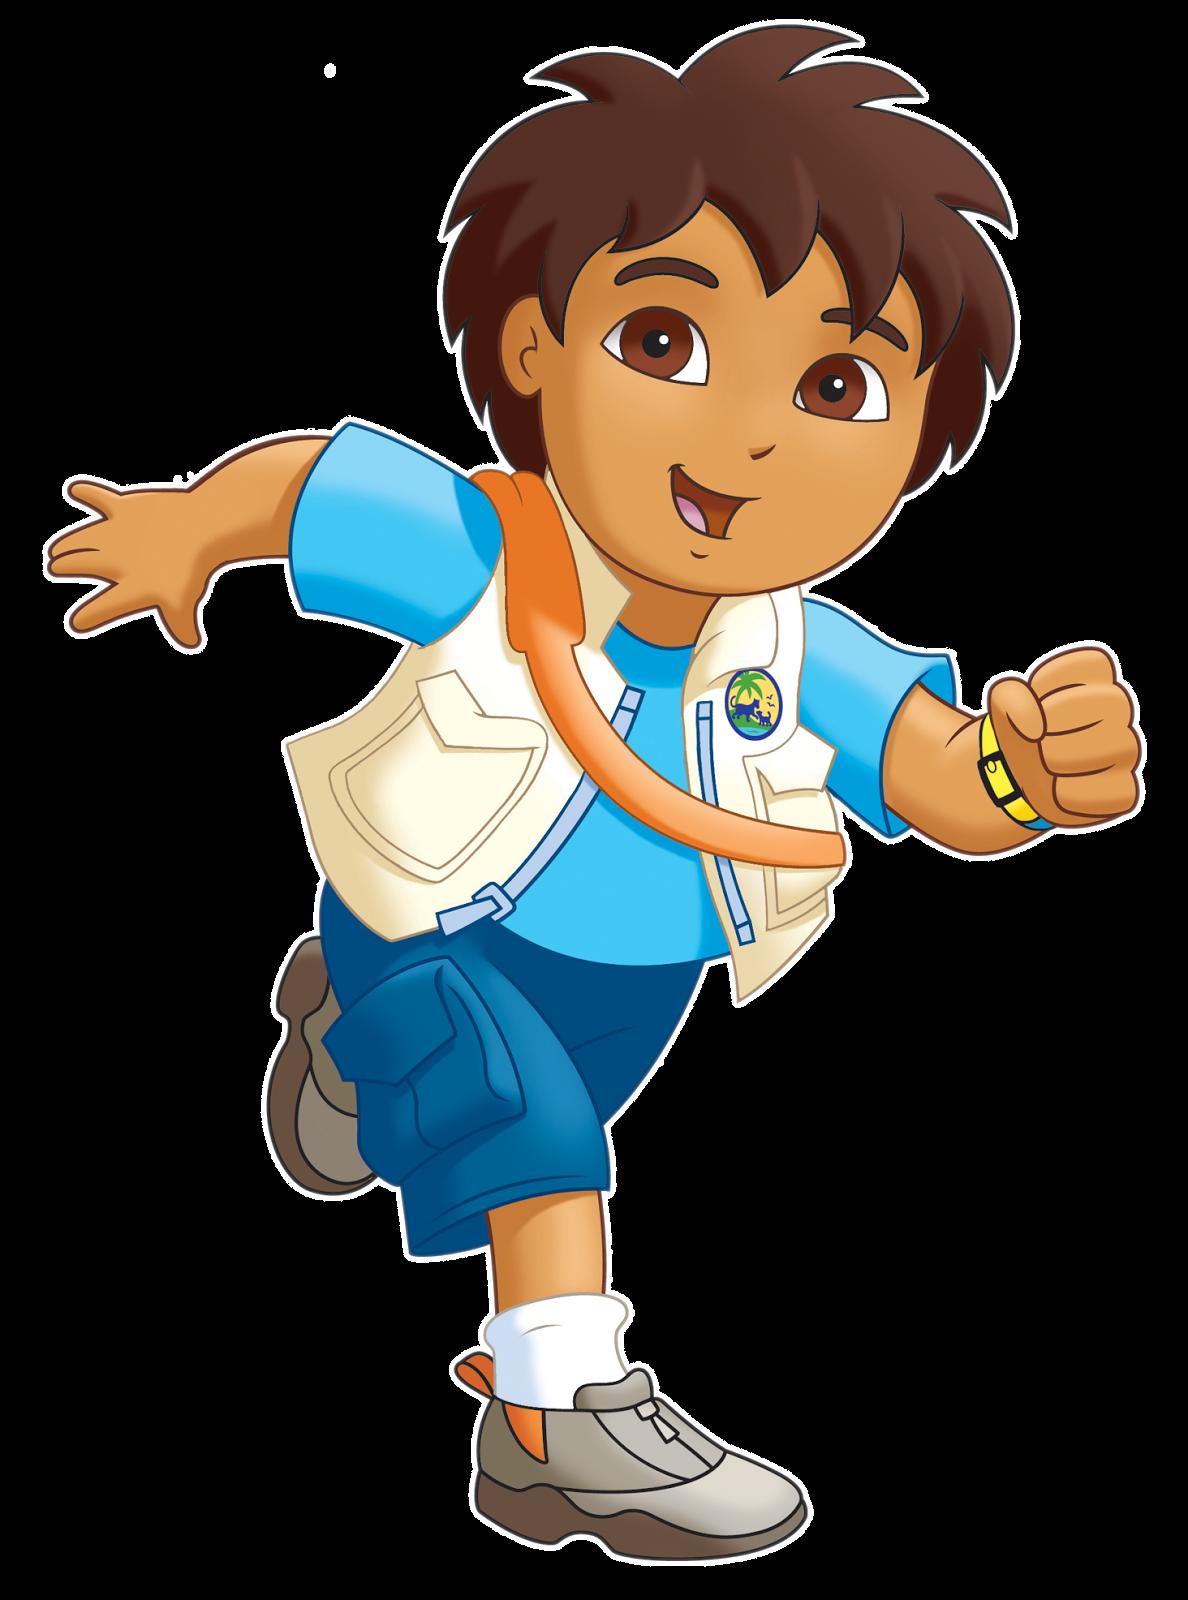 Cartoon Characters Png : Cartoon characters png images new